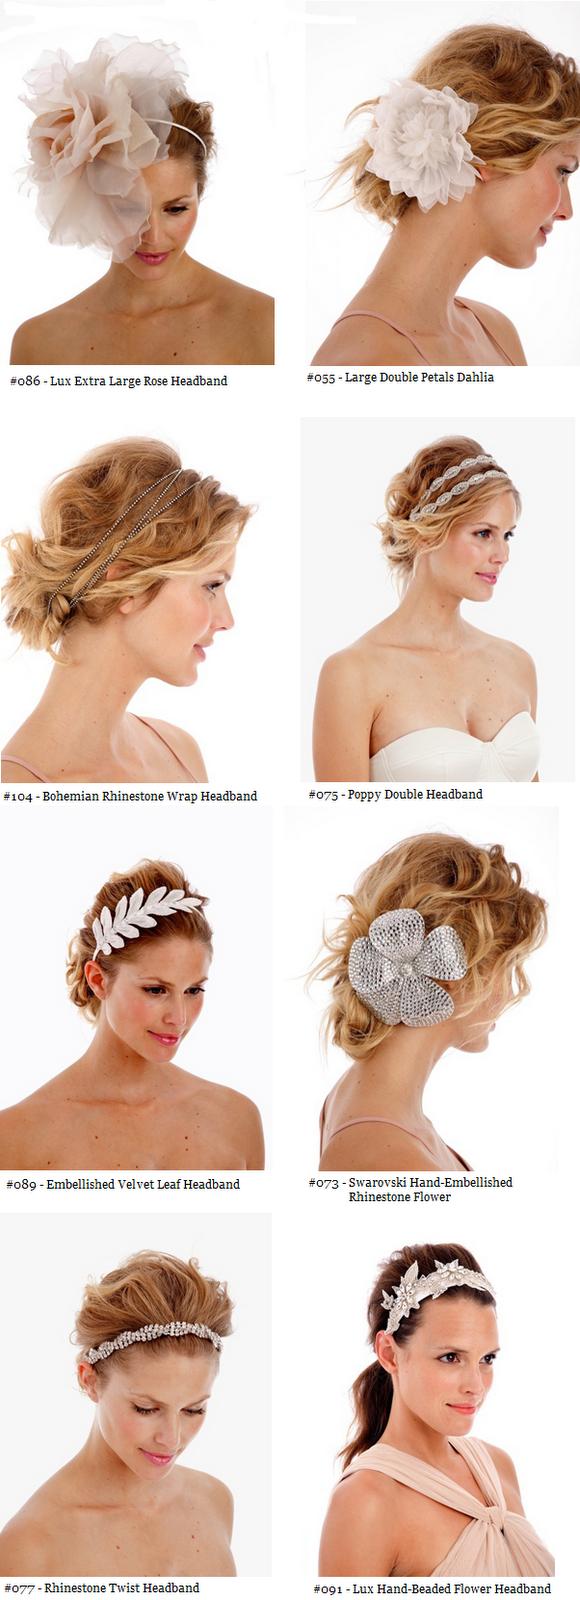 Untamed Petals, Hair Pieces, Floral Pieces, Sparkly Headbands | hair ...